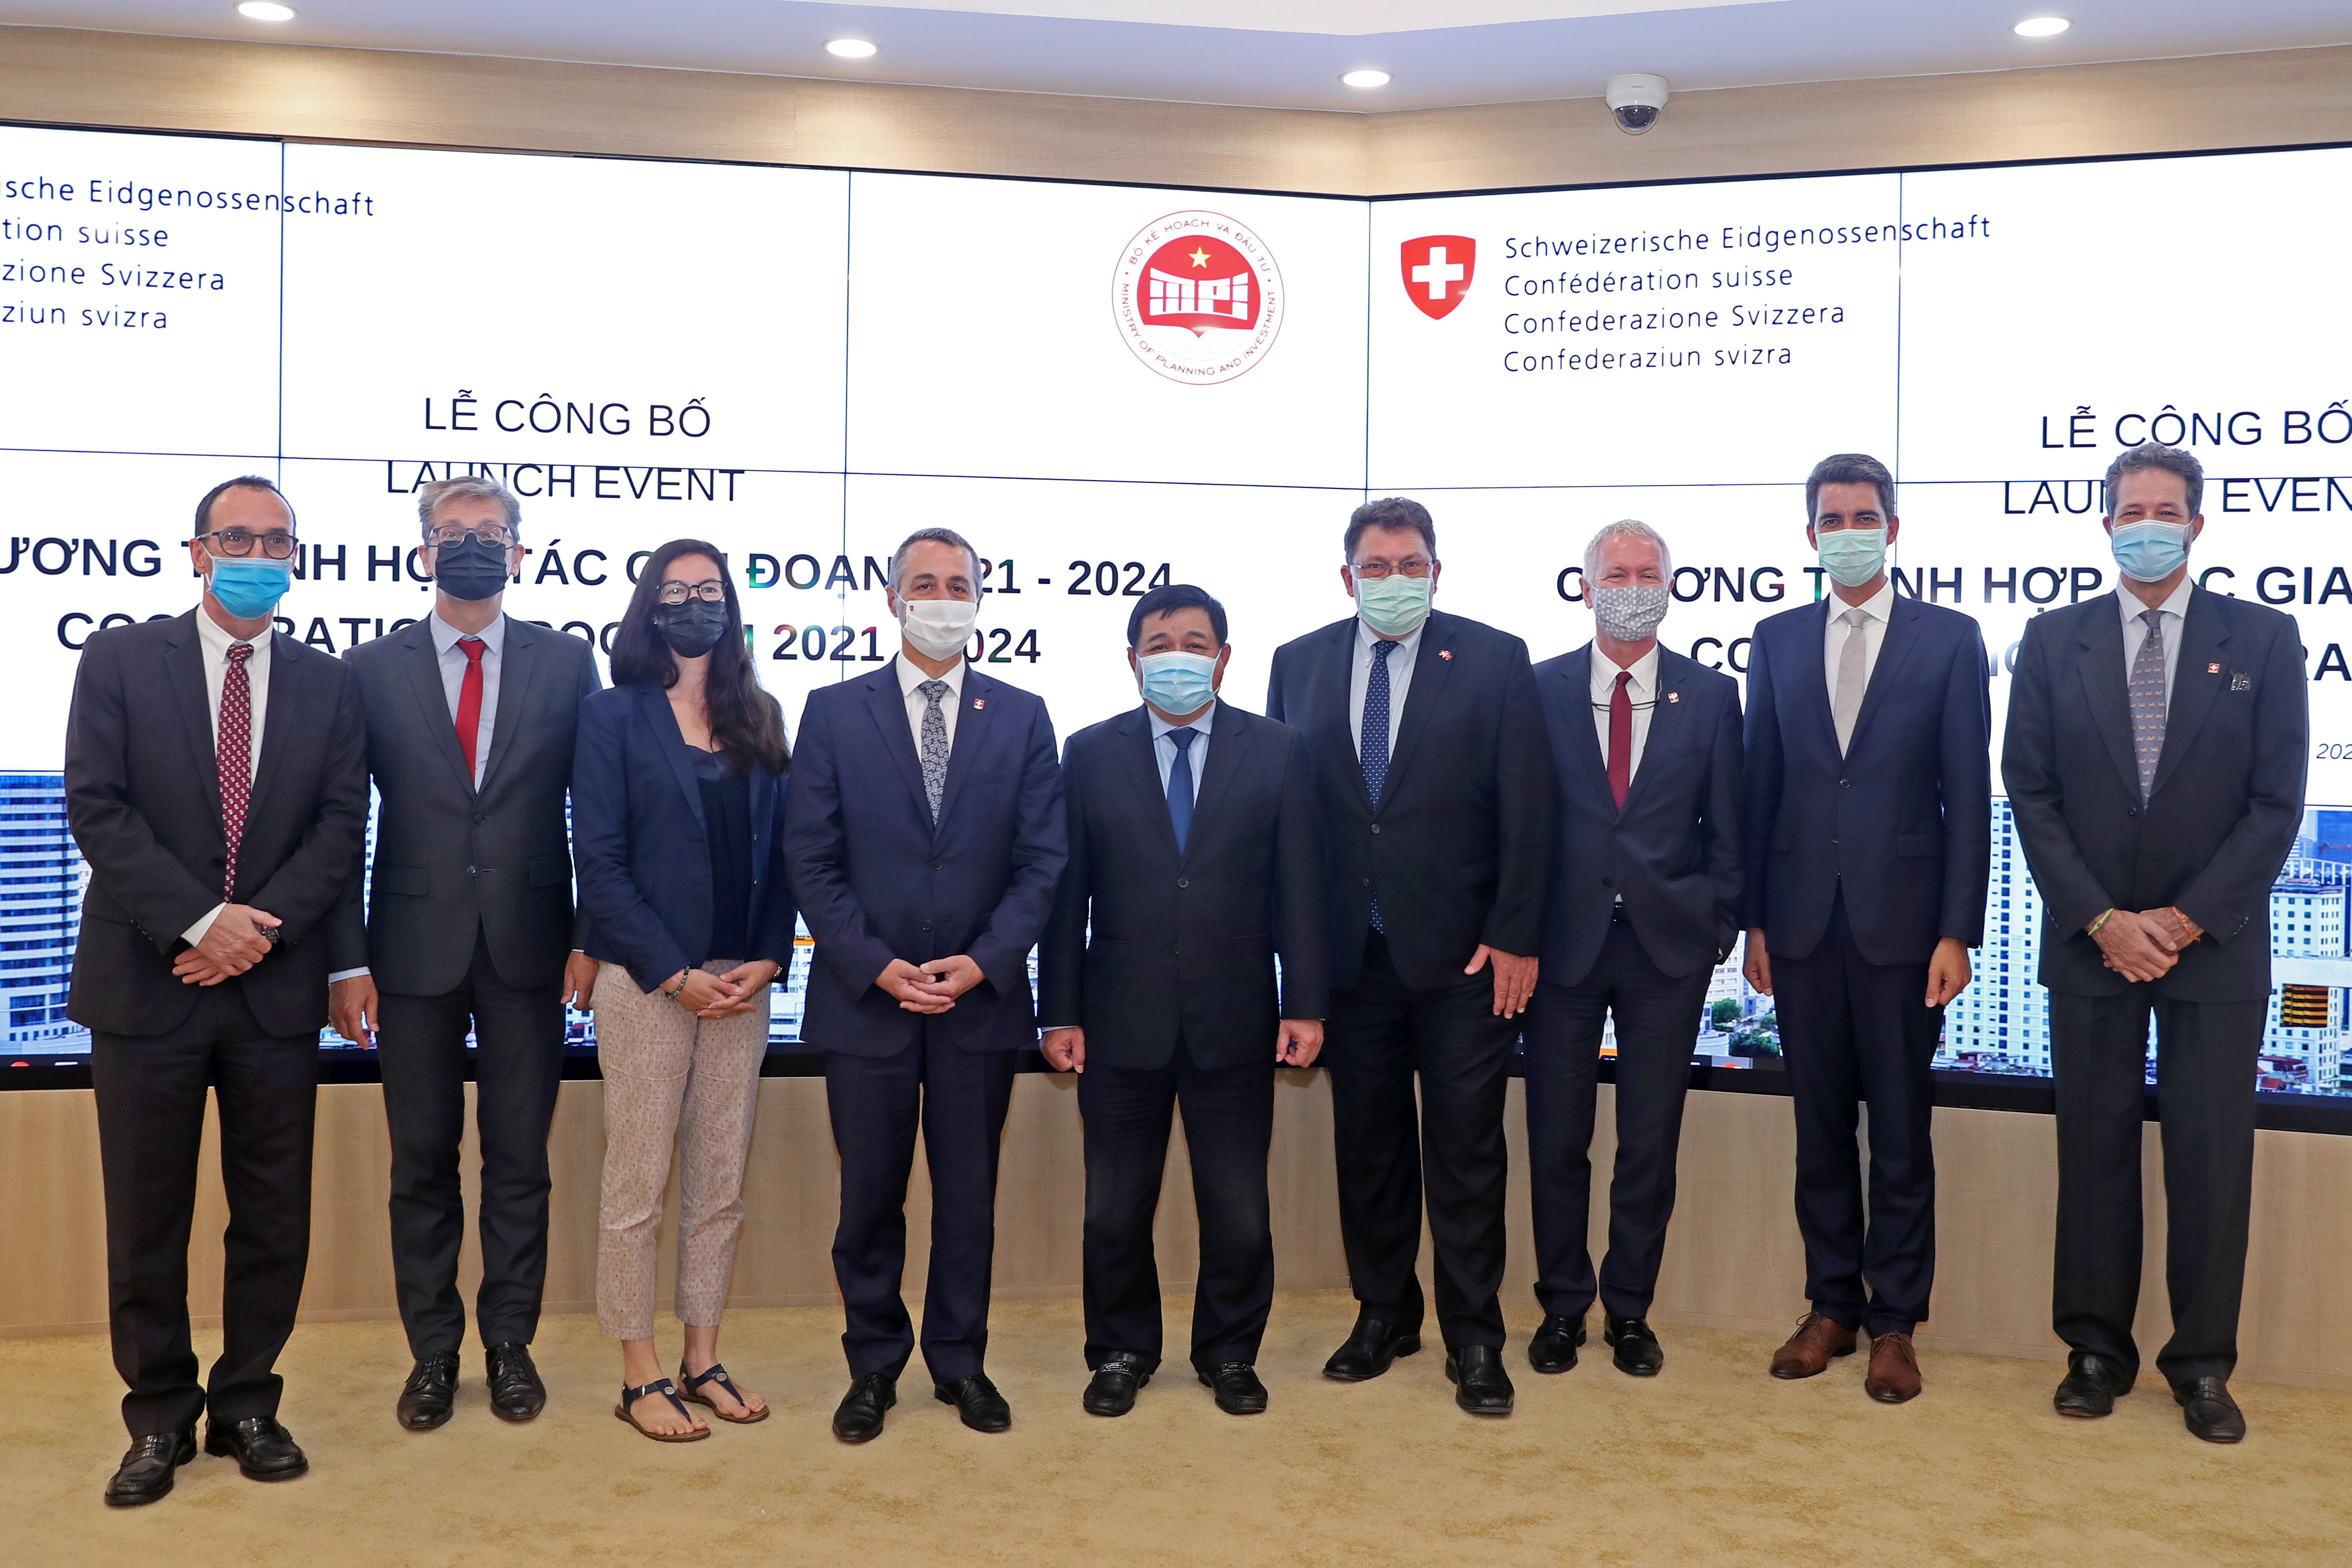 Công bố Chương trình Hợp tác Thụy Sĩ - Việt Nam với cam kết hỗ trợ 1,8 nghìn tỷ đồng